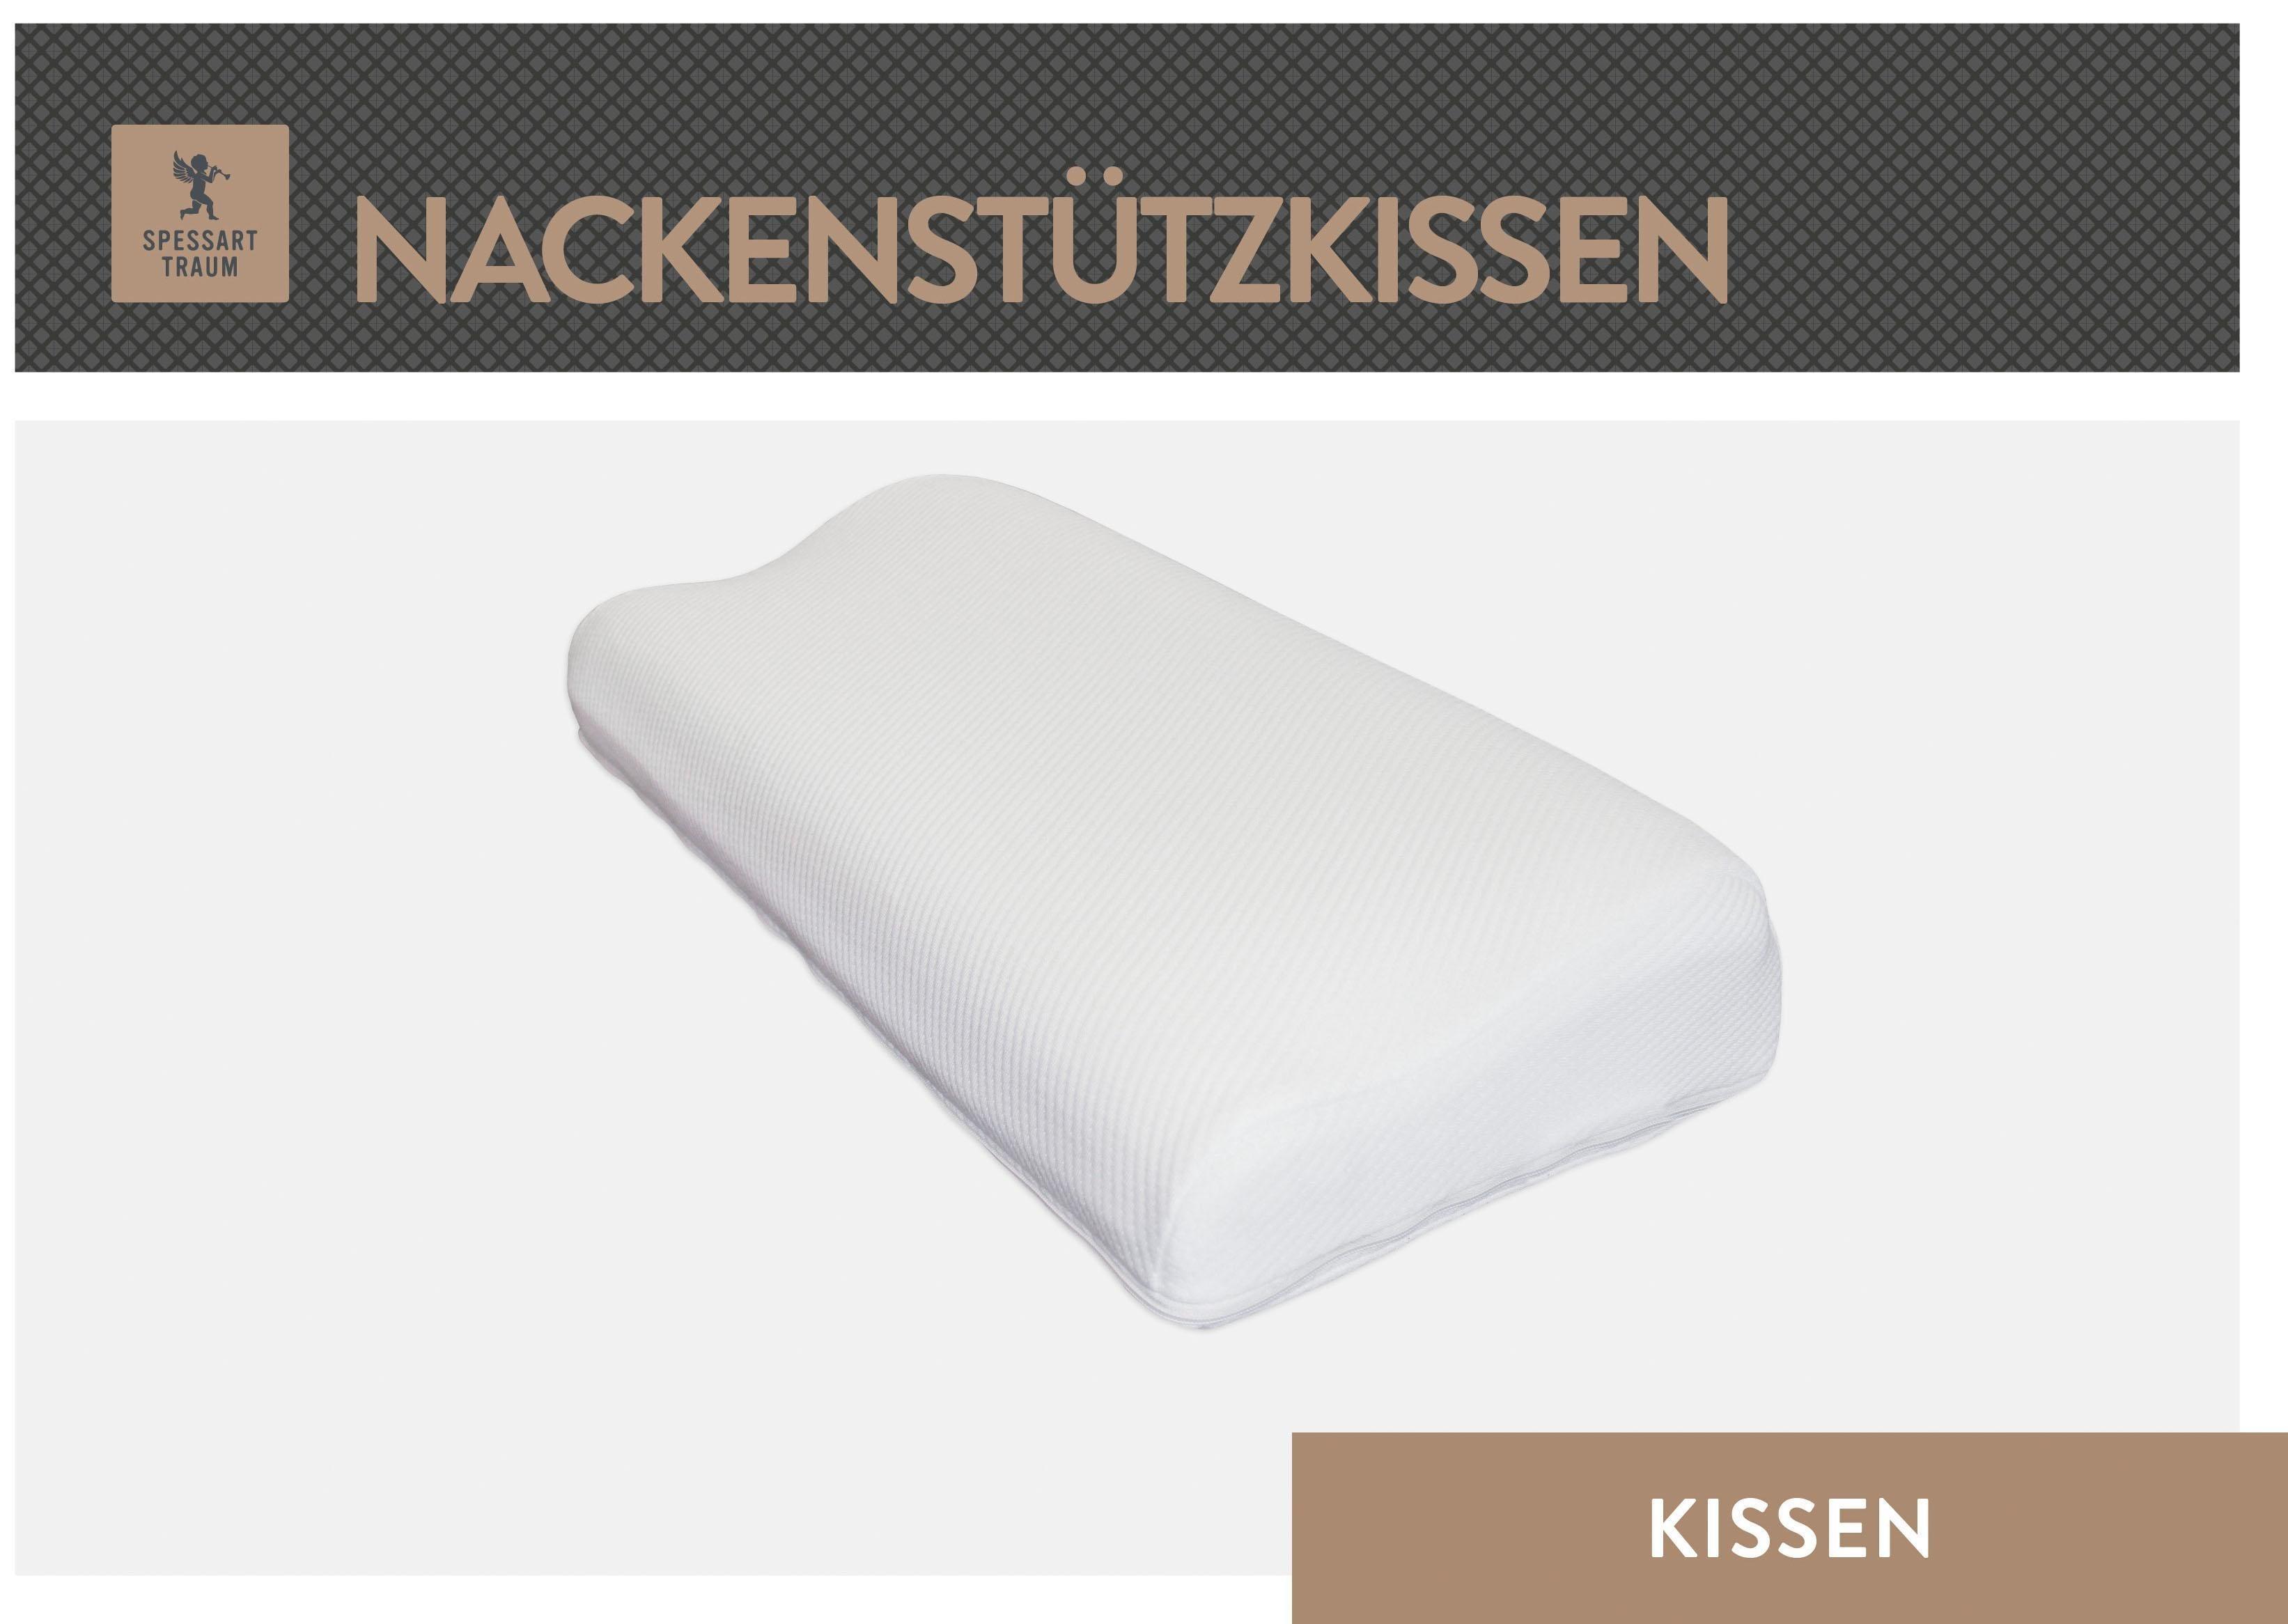 Nackenstutzkissen Grosana Preisvergleich Die Besten Angebote